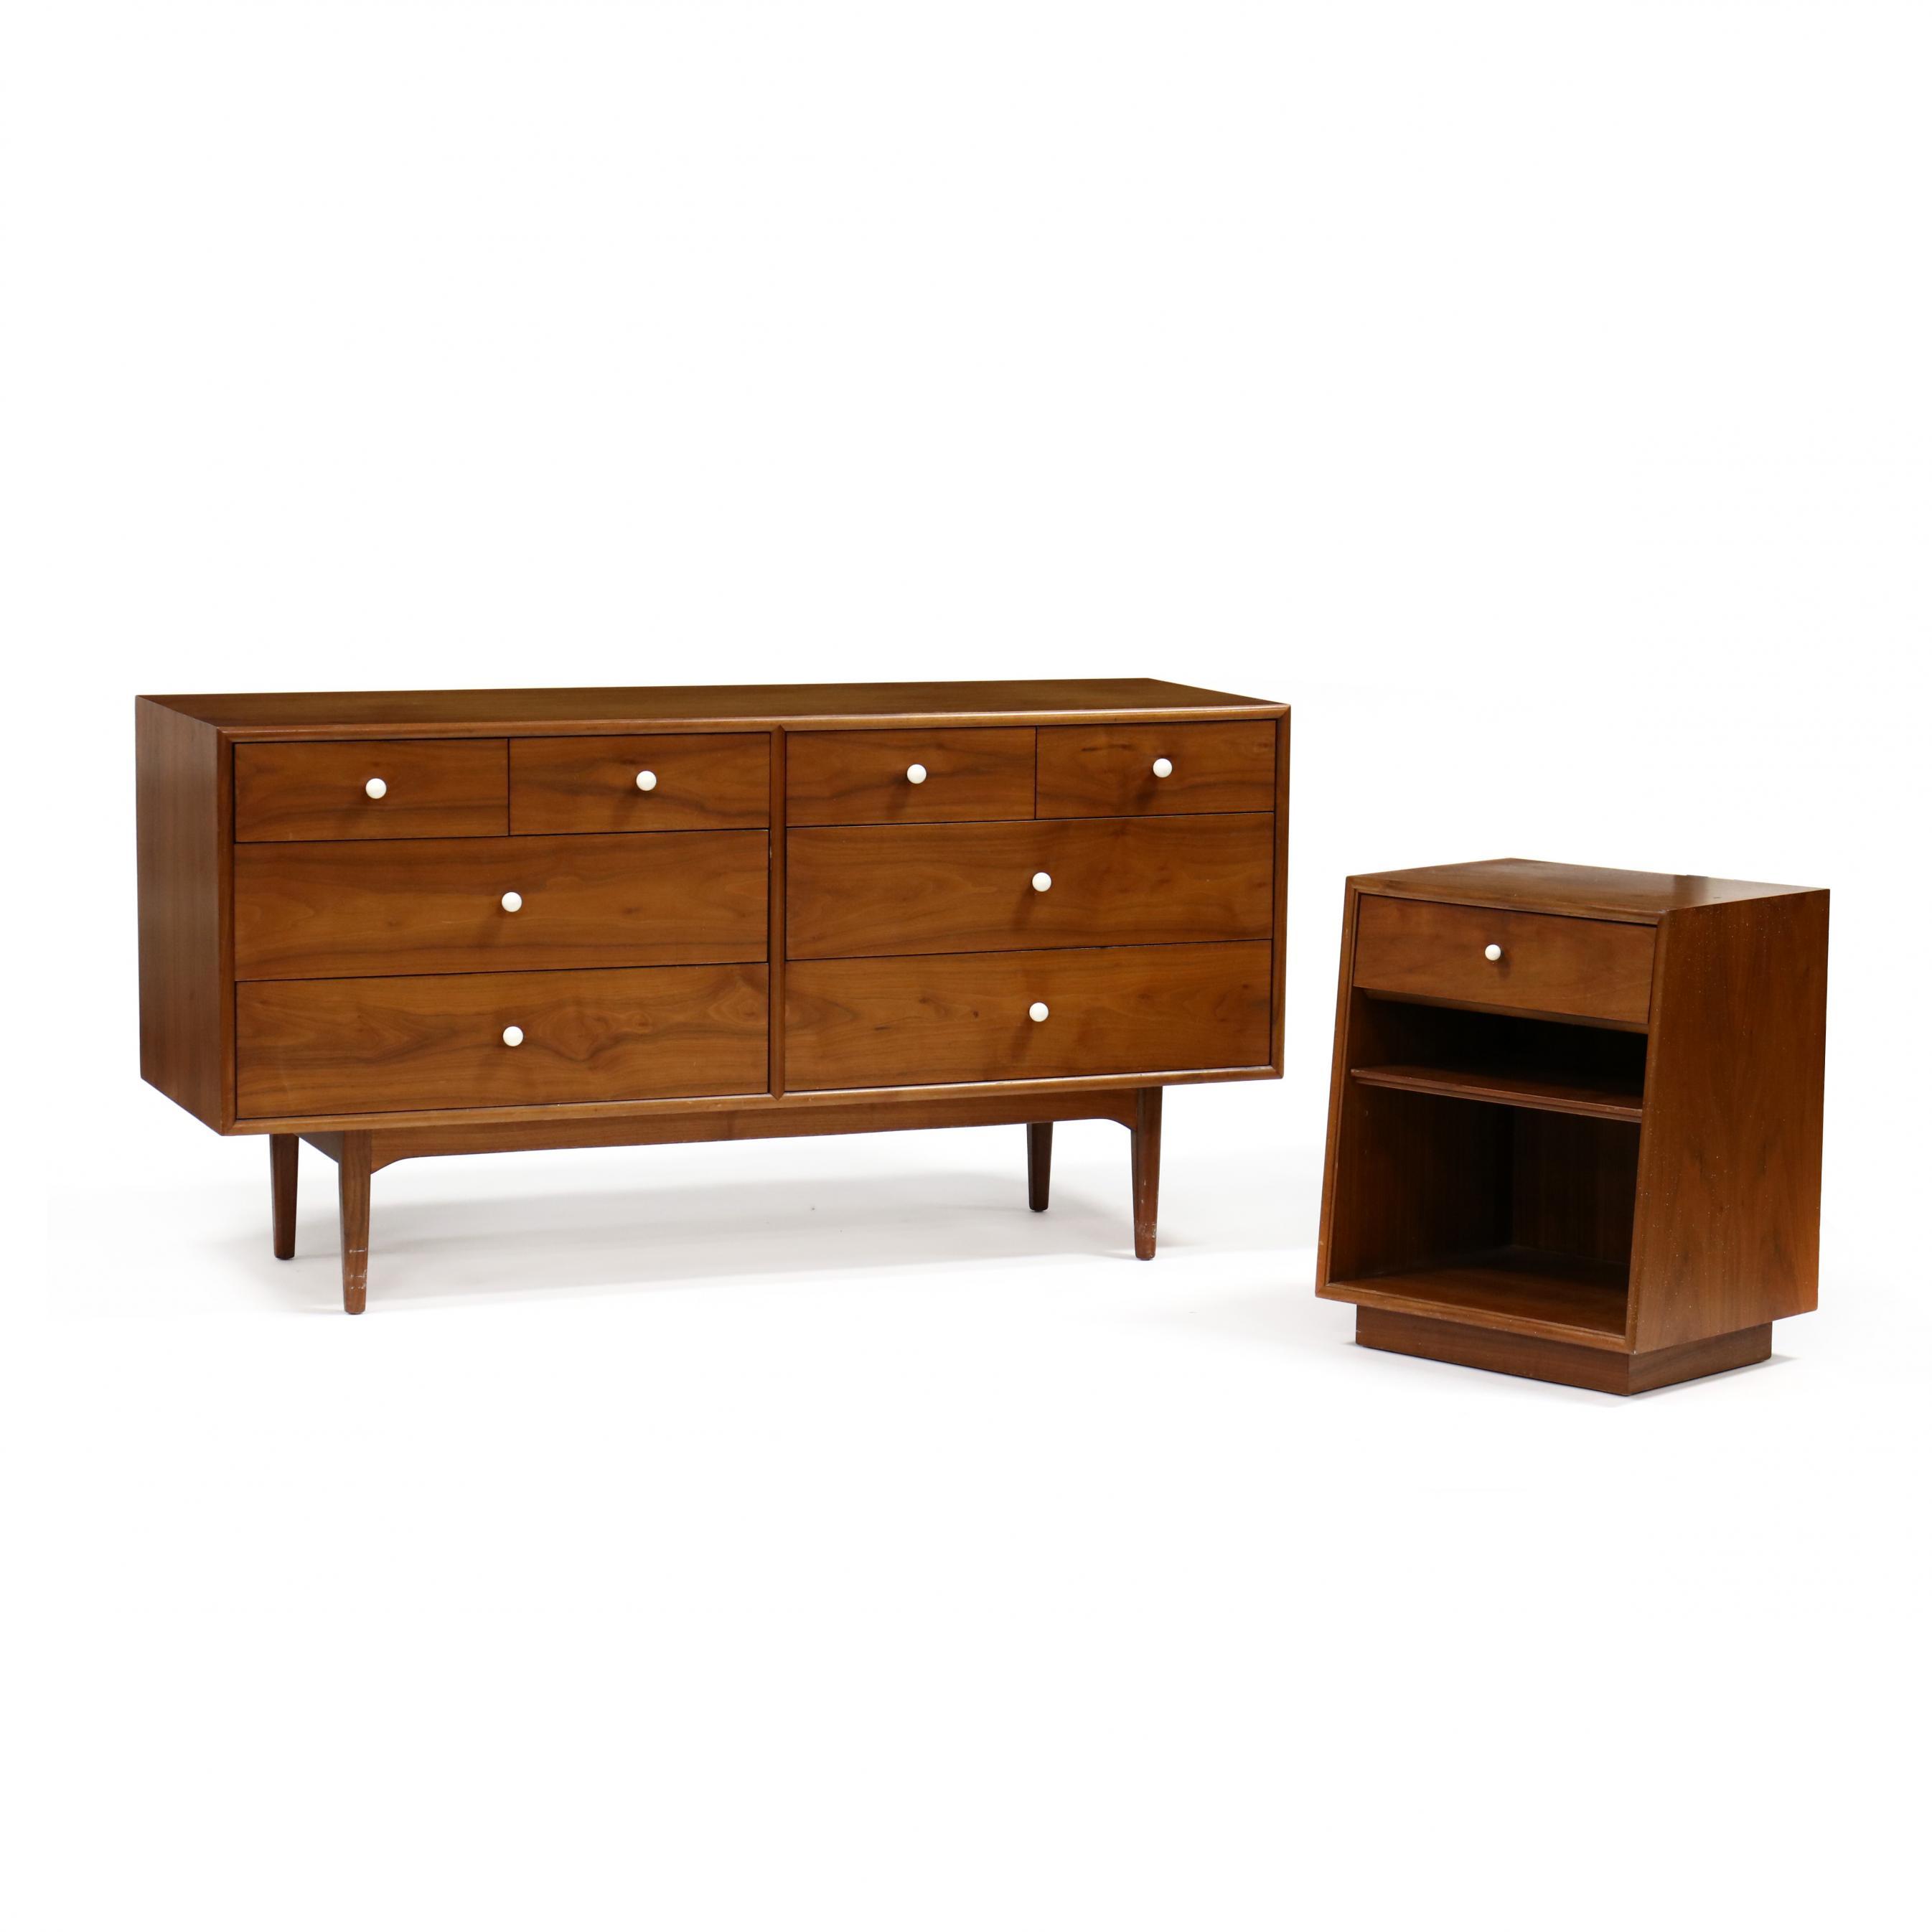 drexel-declaration-dresser-and-bedside-stand